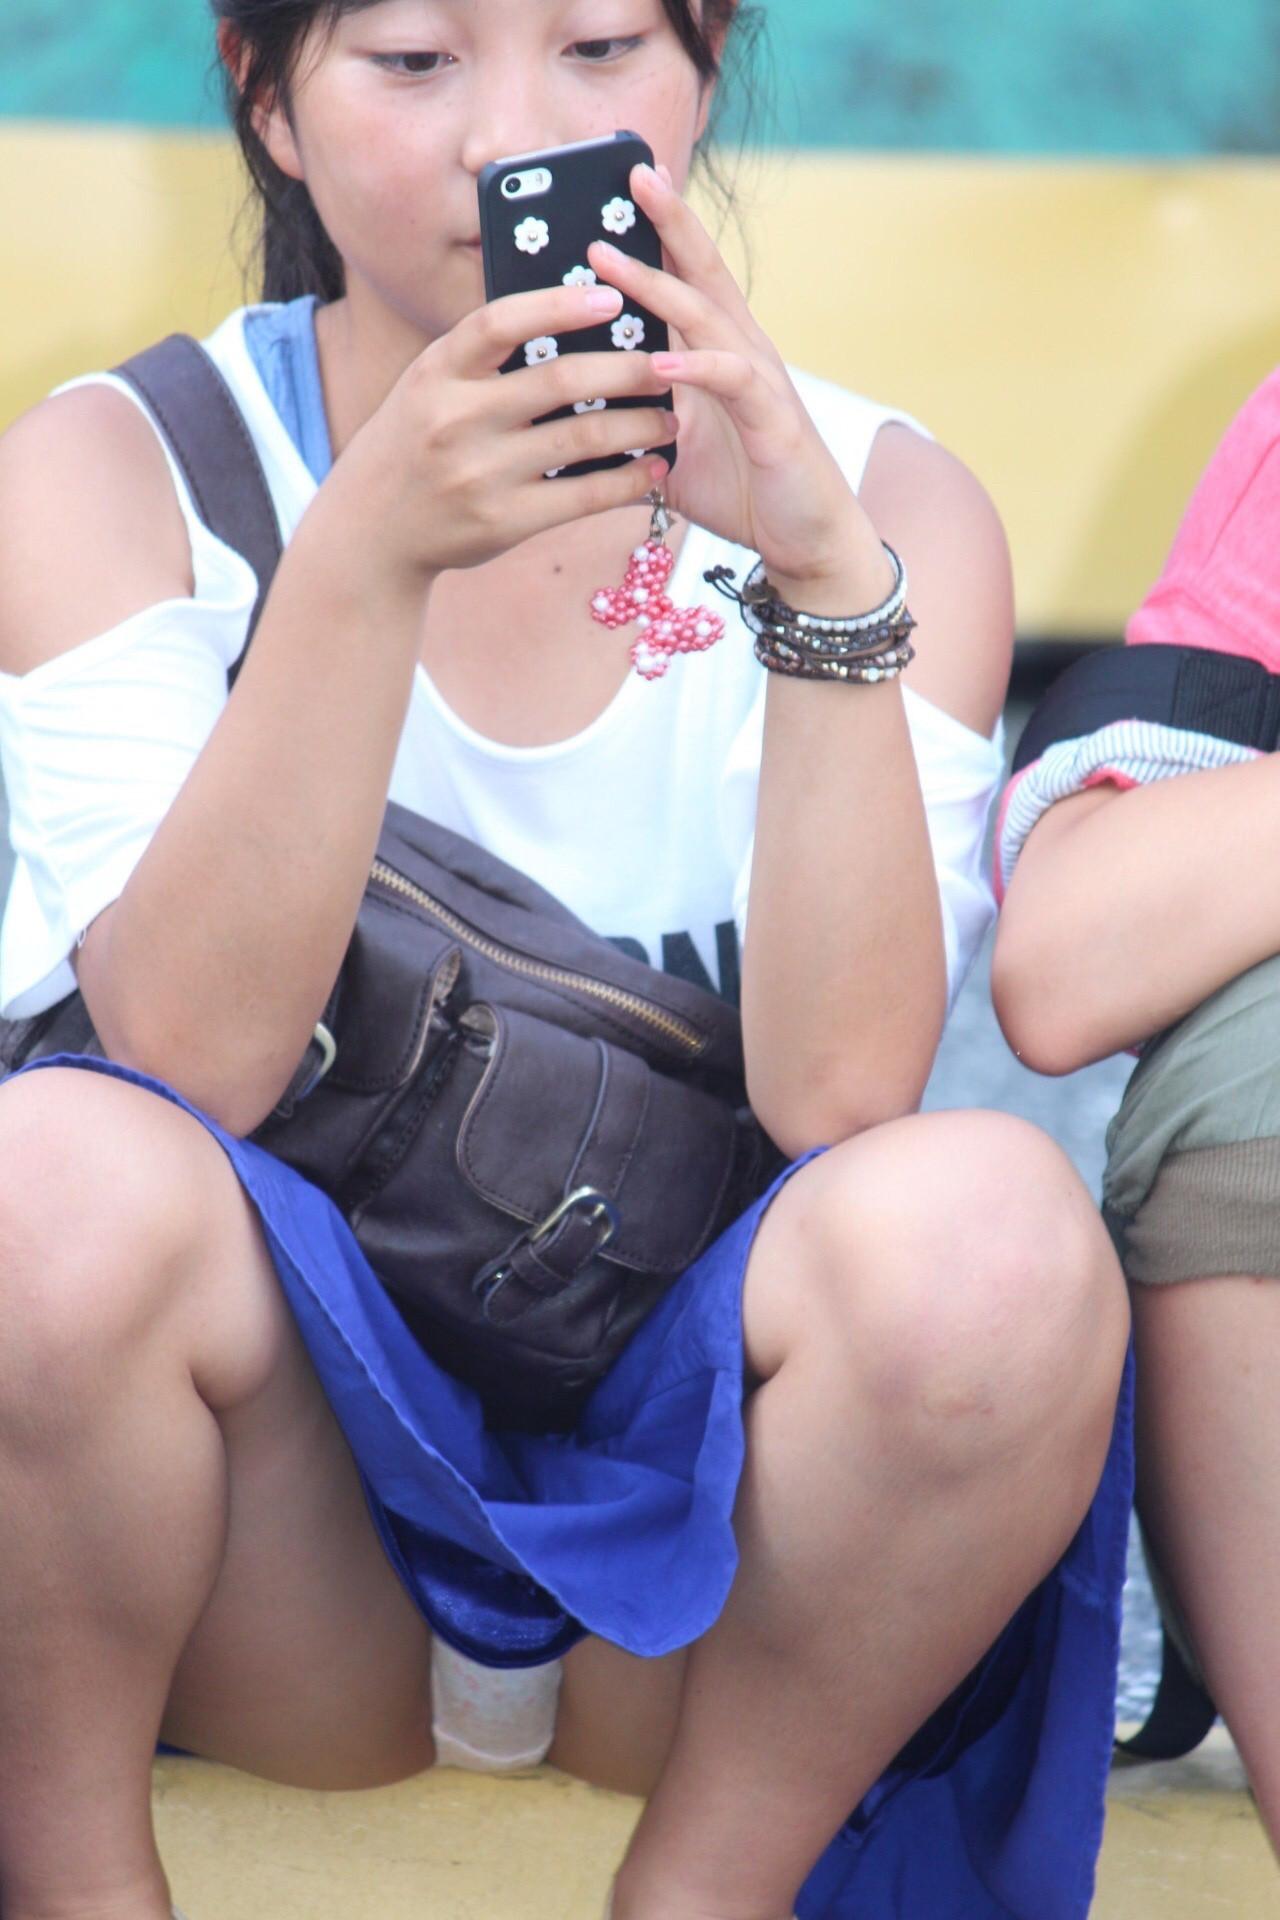 素人の女の子を街撮りしたエロ画像をくださいwwwwwwwwwwwwww gLySBEG